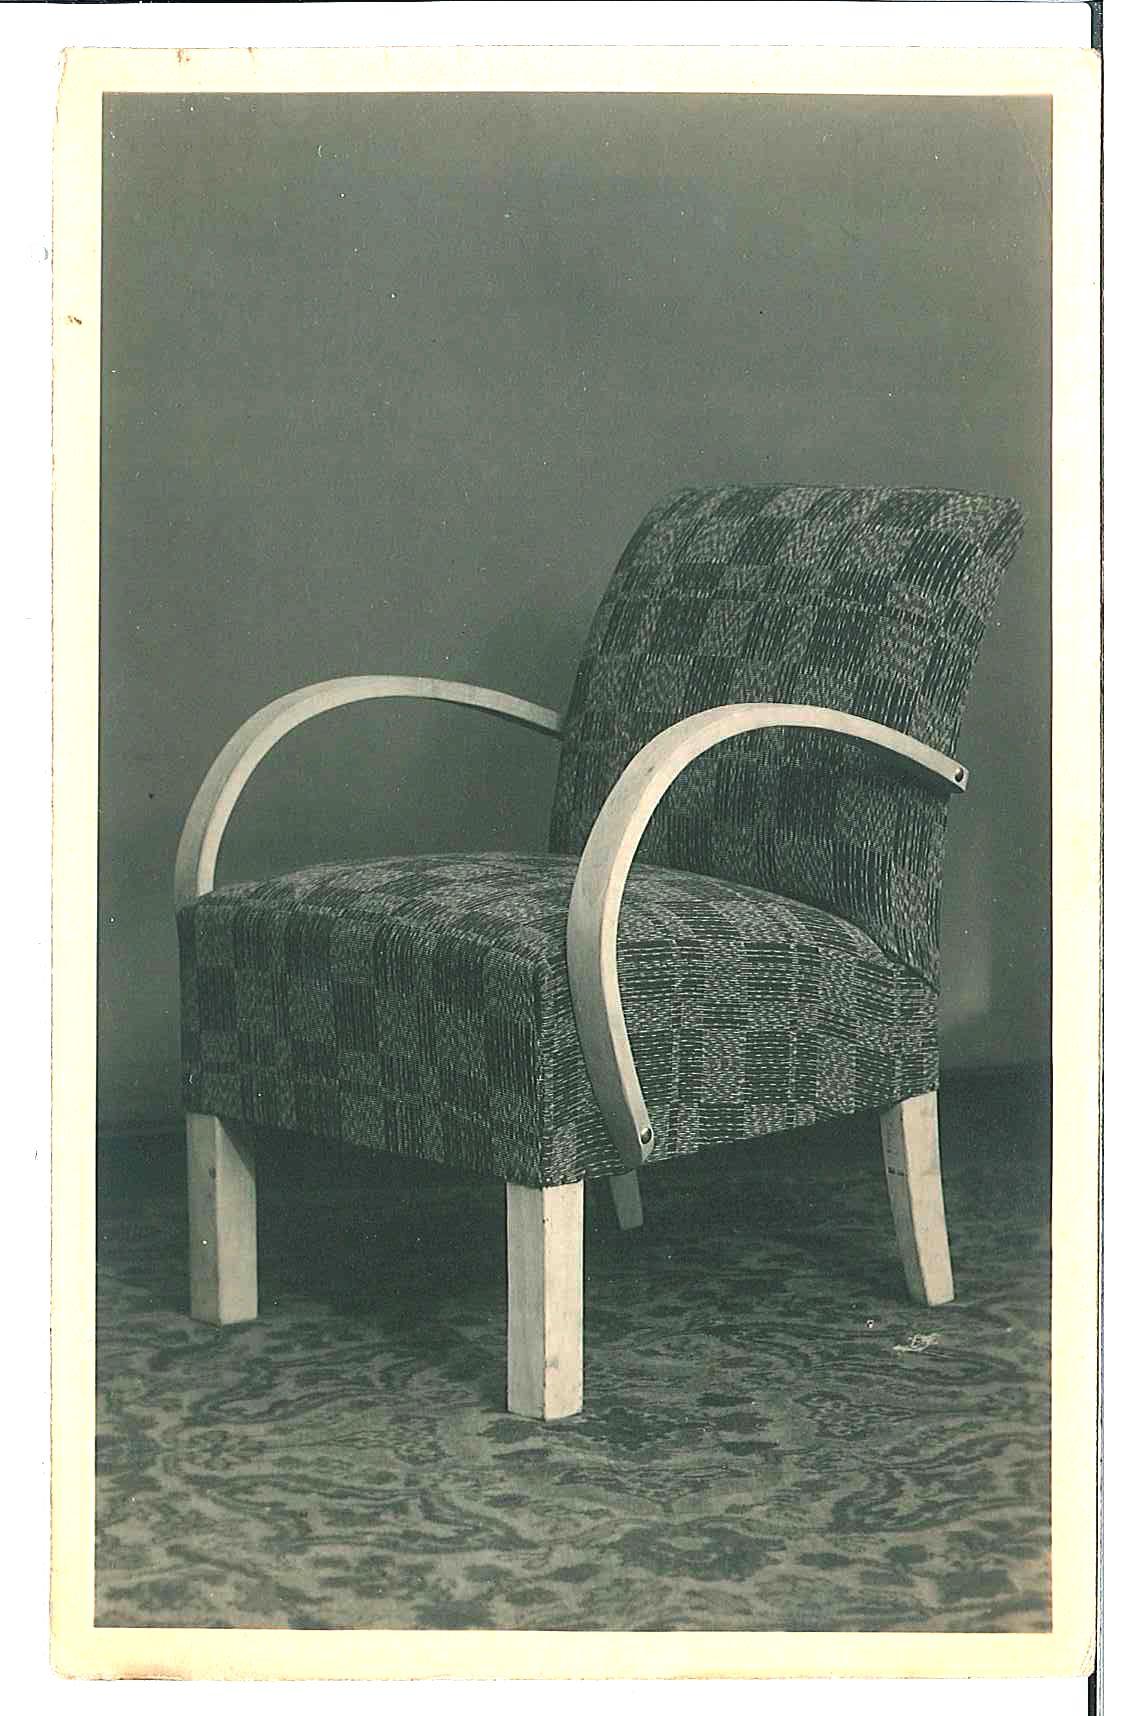 Liebenswert Schnieder Stuhlfabrik Dekoration Von Oldies Bild 11, Gmbh Triestr. 15 59348